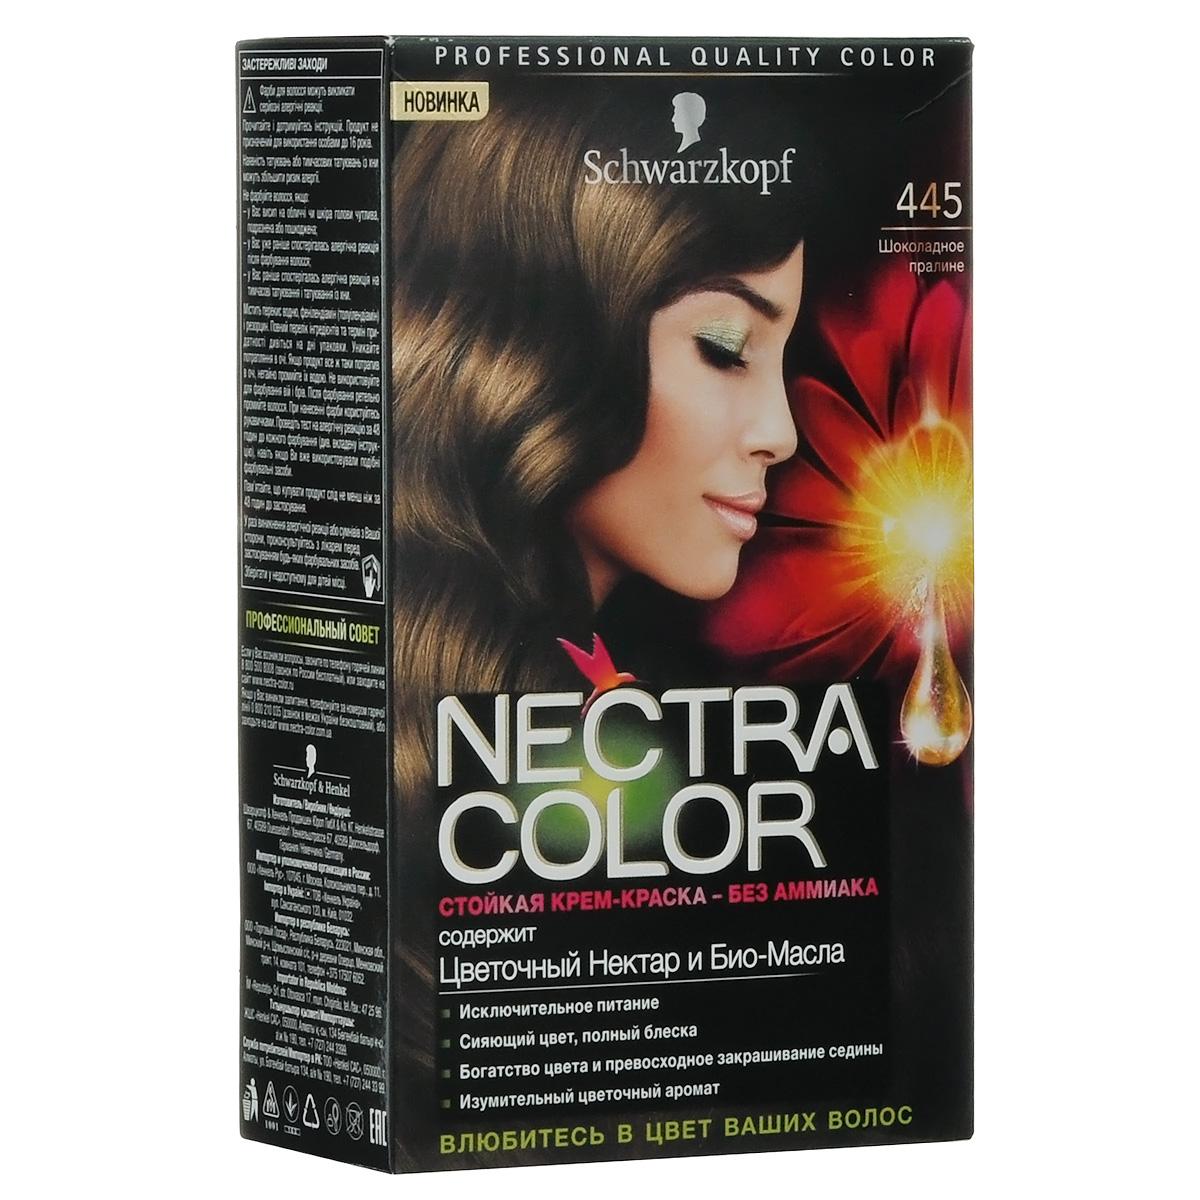 Schwarzkopf Краска для волос Nectra Color, оттенок 445 Шоколадное пралине, 142,5 мл934280210Стойкая крем-краска Nectra Color придает волосам роскошный цвет, при этом делая их невероятно красивыми и ухоженными. Формула без аммиака с улучшенной системой доставки красителя маслами использует силу и свойство масел максимизировать действие красителя. Богатство цвета и изумительный цветочный аромат вдохновят Вас, а превосходное питание придаст Вашим волосам еще больше шелковистости.